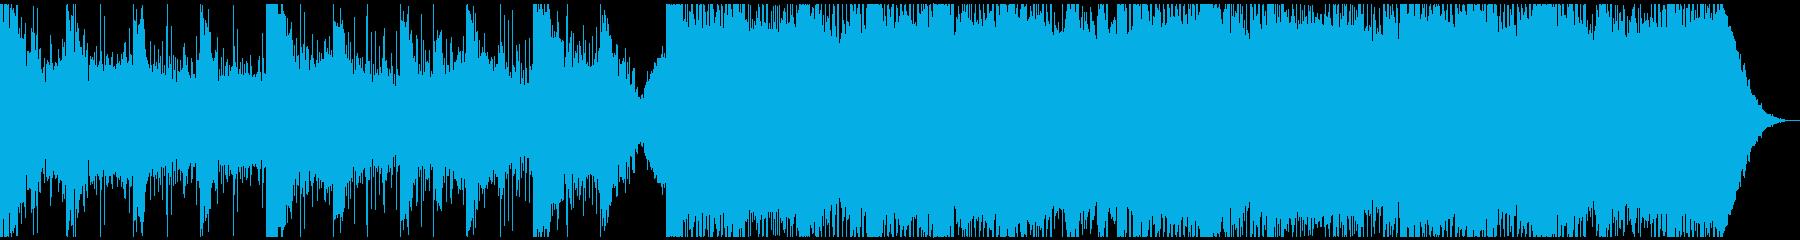 緊張高まる電子サウンドの再生済みの波形